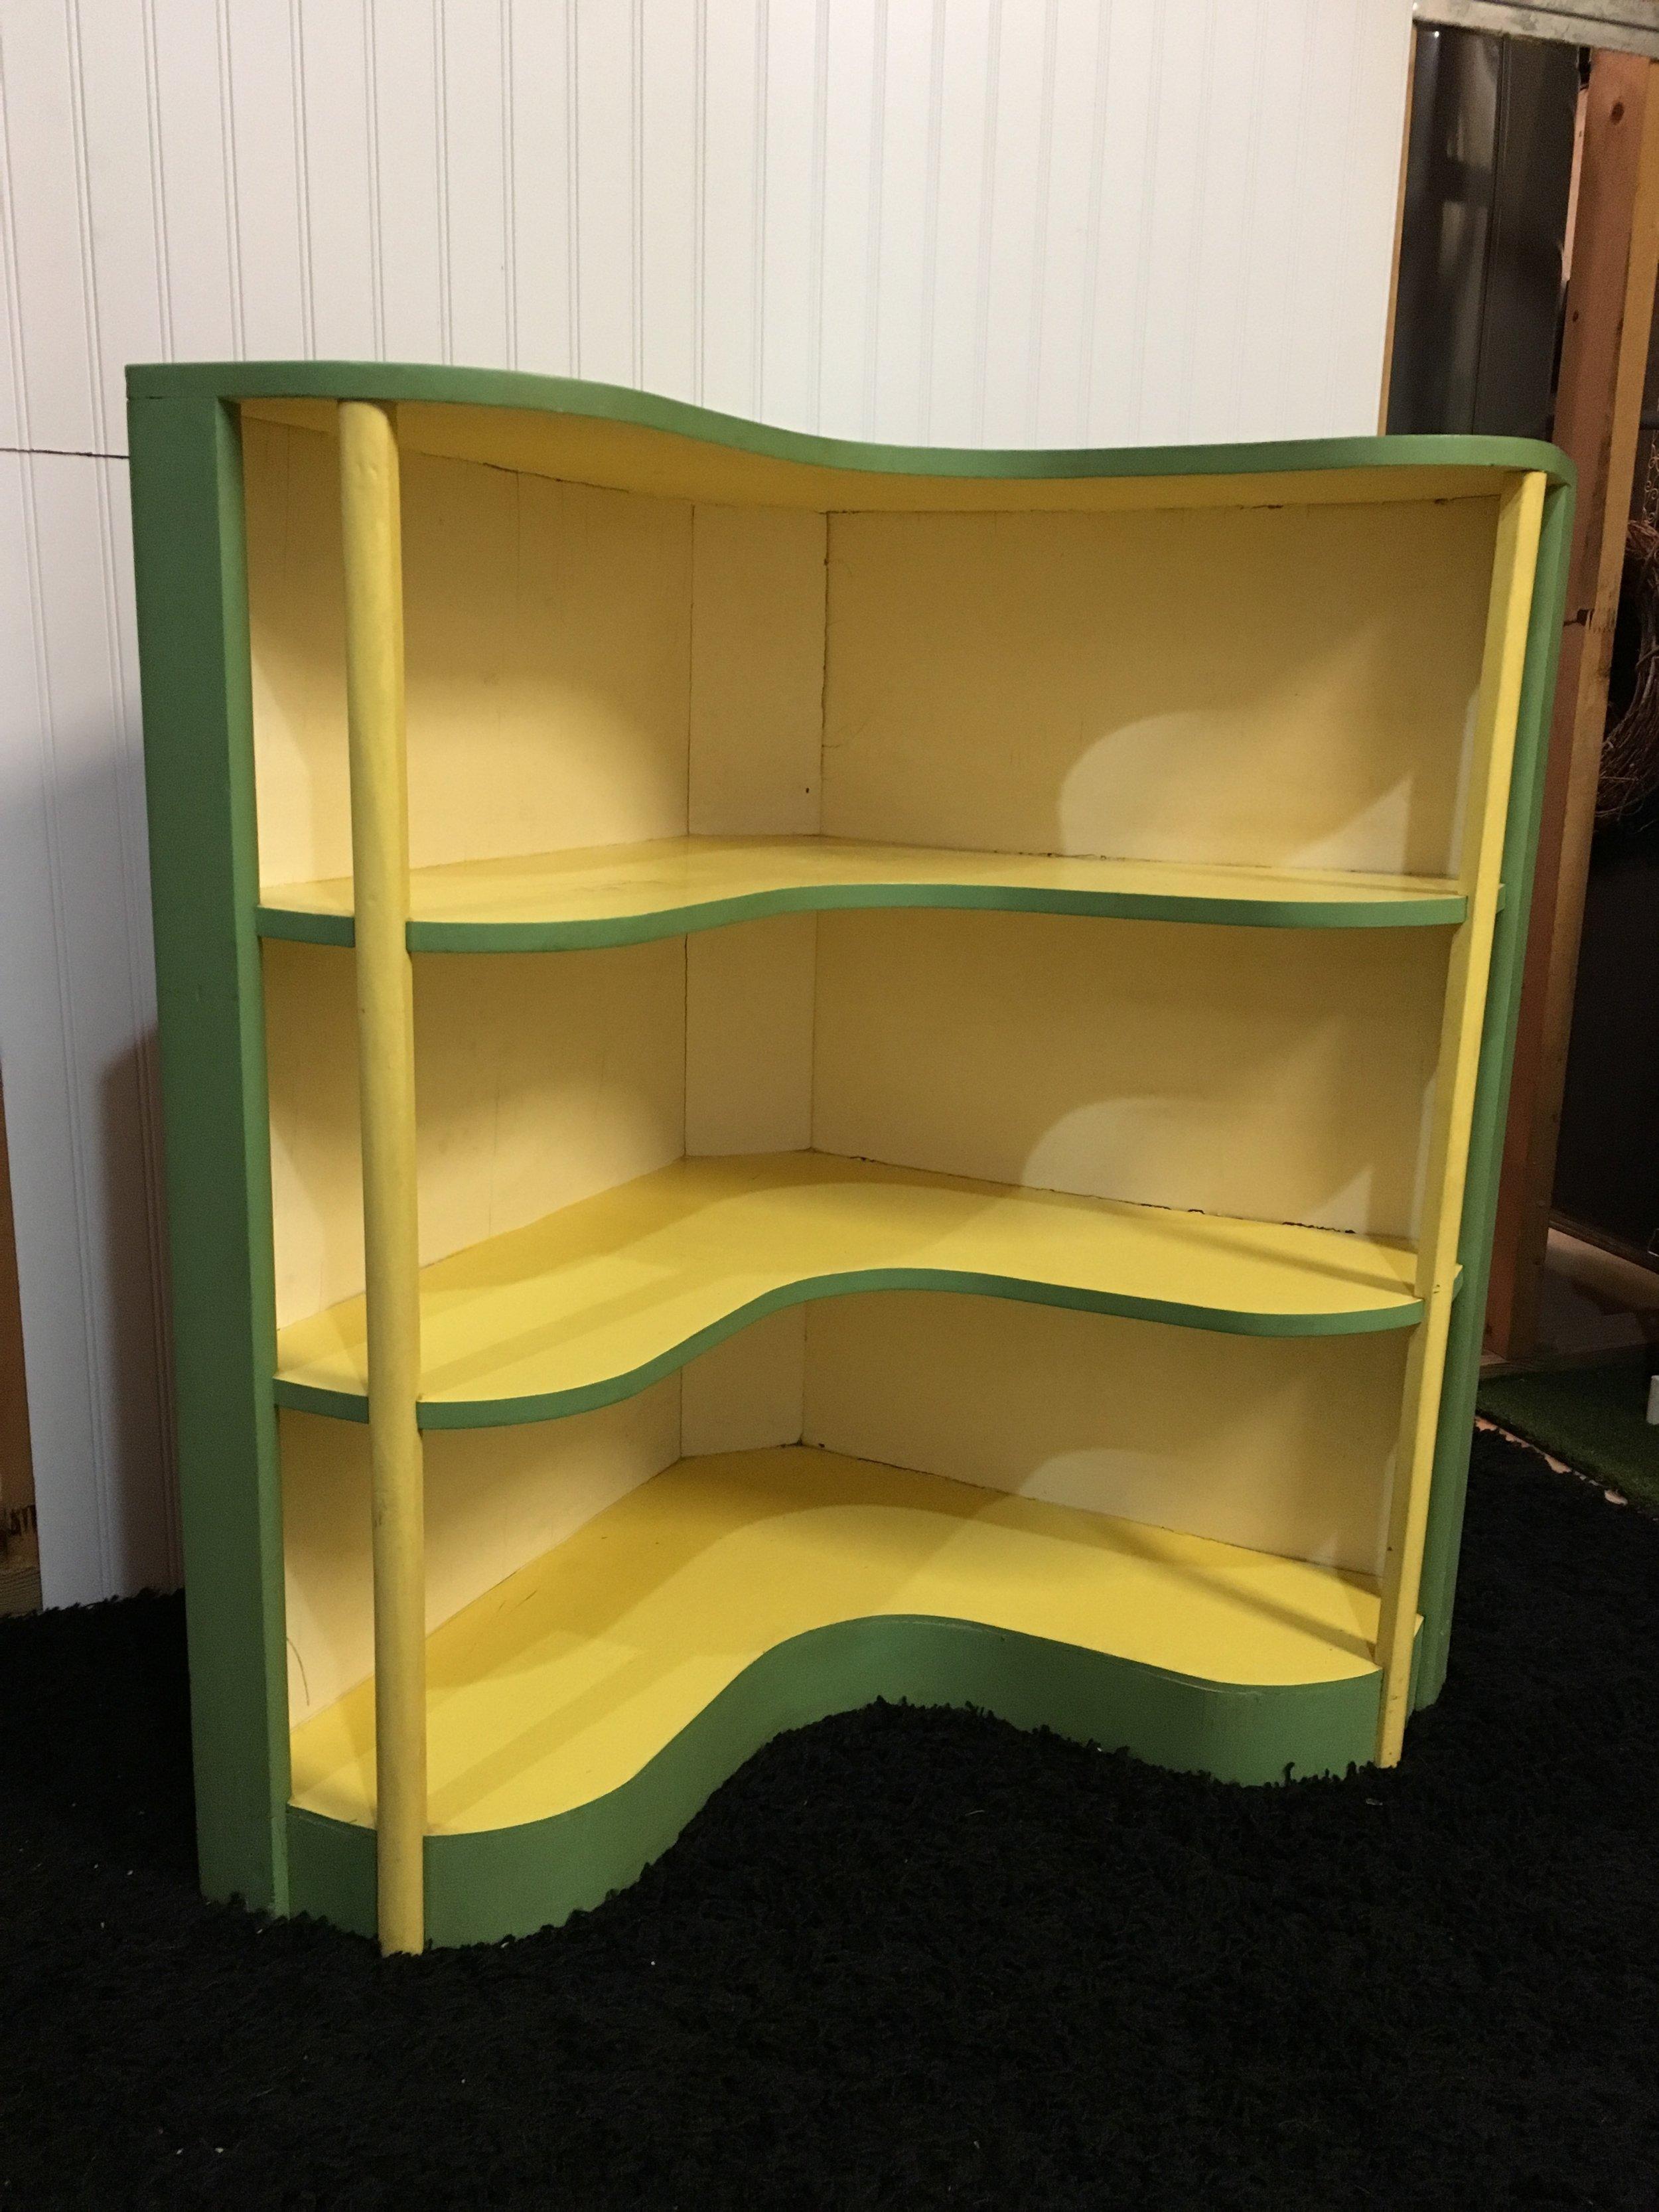 Bookshelf before 1.jpeg